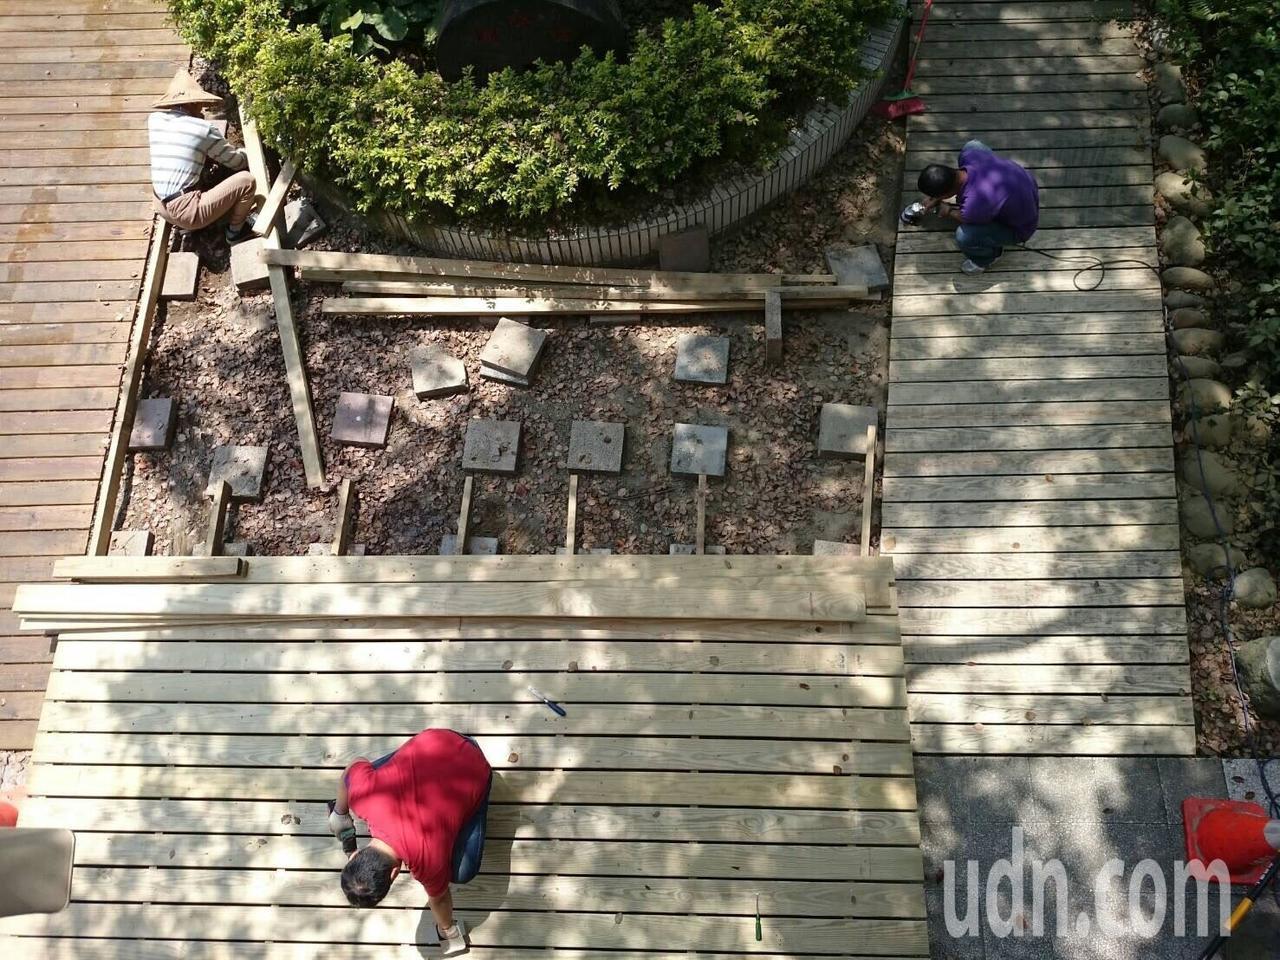 桃園市大溪區內柵國小師生興建木棧道,避免人踩踏到樹根。記者許政榆/翻攝